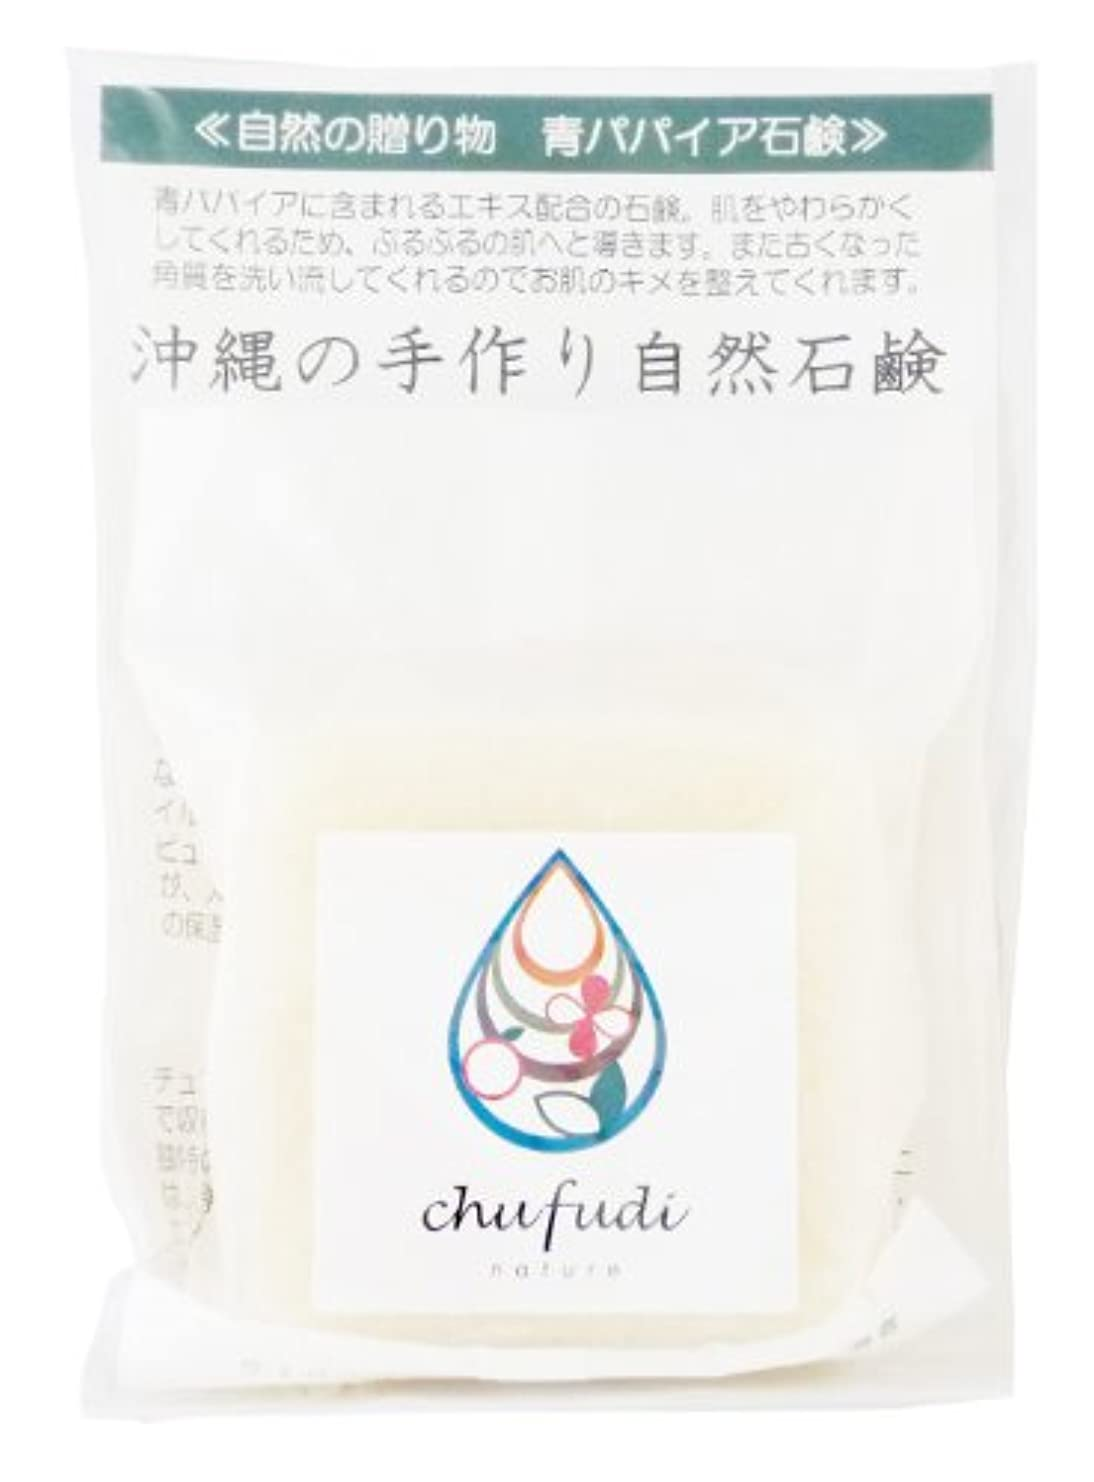 タイマー同時ポルトガル語チュフディ ナチュール 自然からの贈り物 青パパイヤ洗顔石鹸